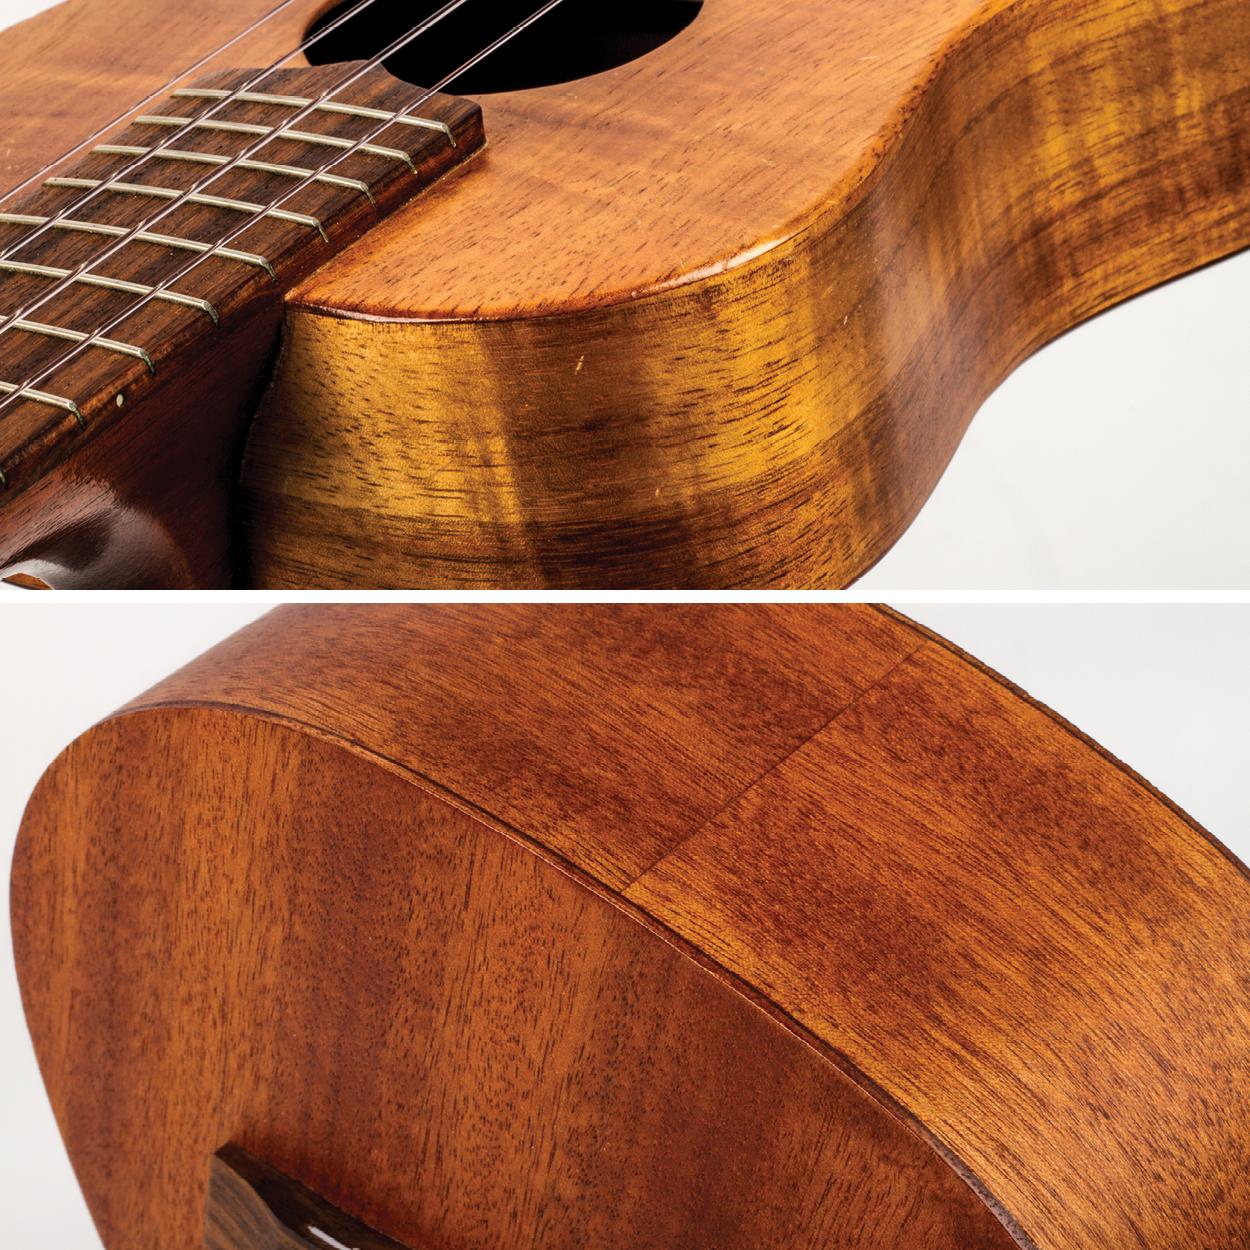 ukulele-tonewoods-gear-guru-laminated-solid